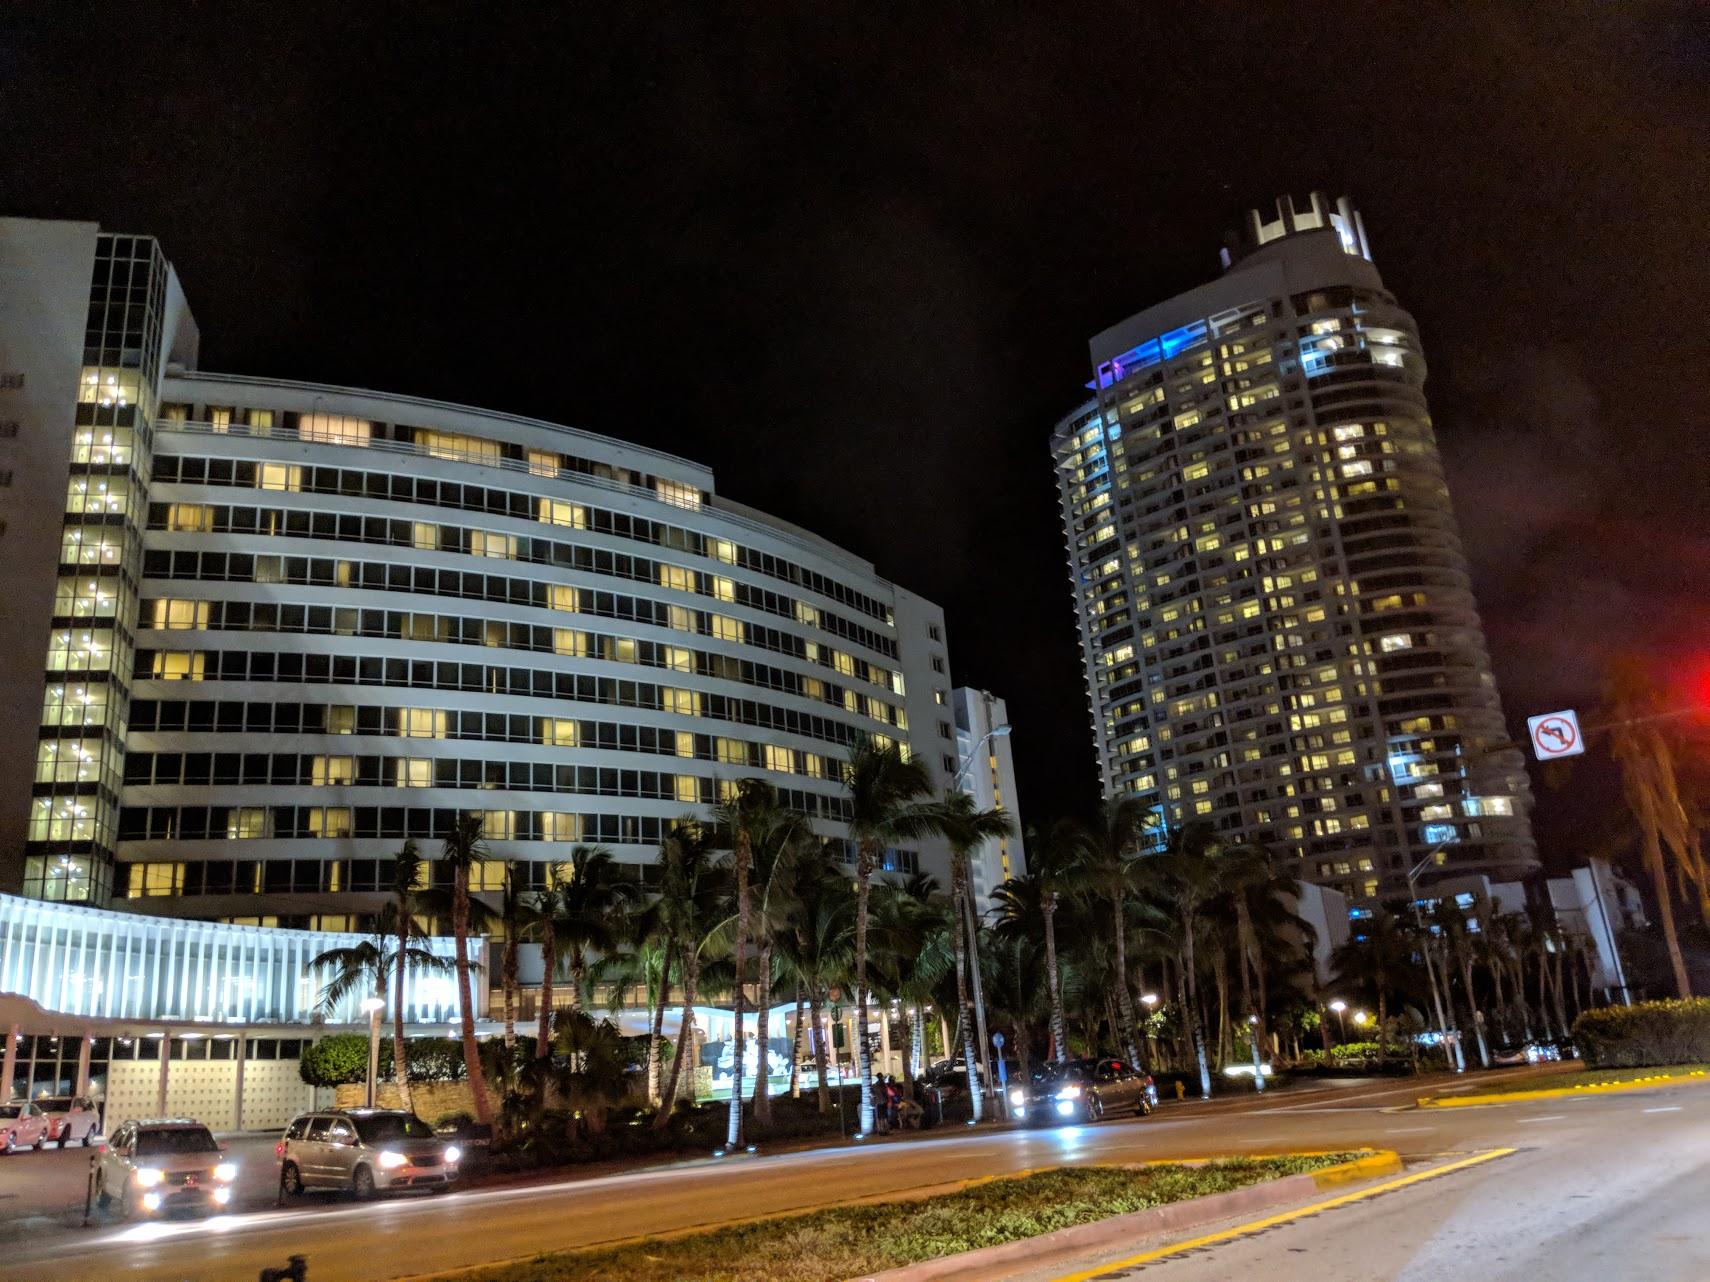 Fontainebleau Resort à Miami Beach propose une grande extension, reliée par un pont !